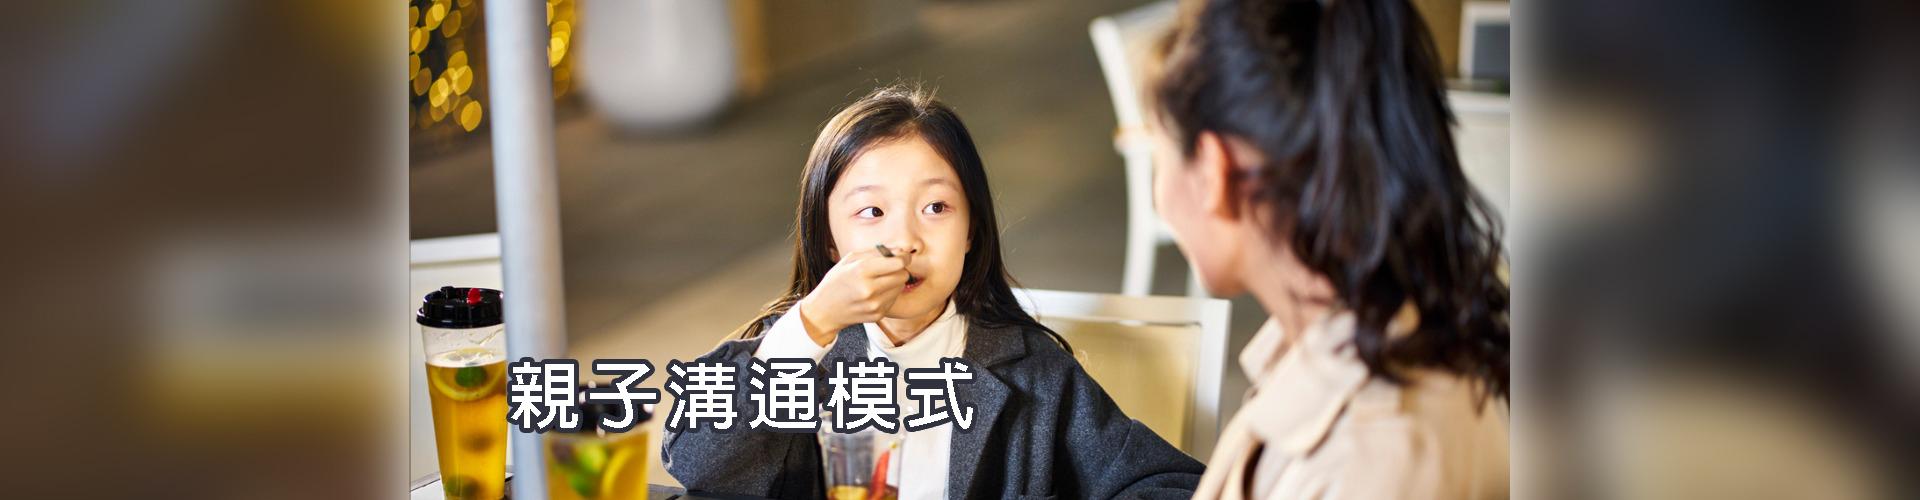 親子溝通模式